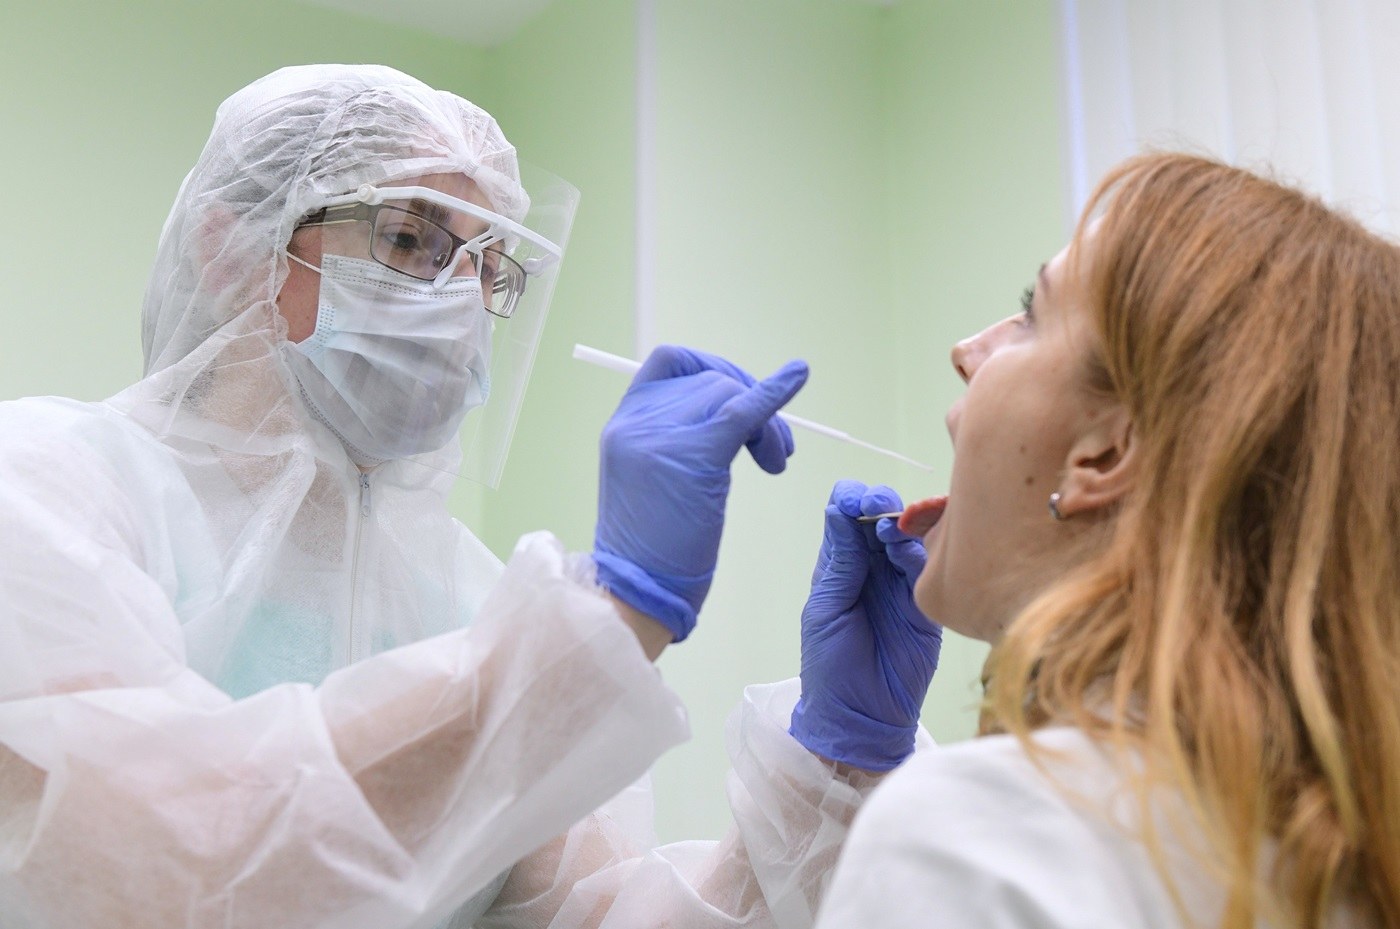 Тест на коронавирус будут проводить в рамках ОМС перед плановой госпитализацией